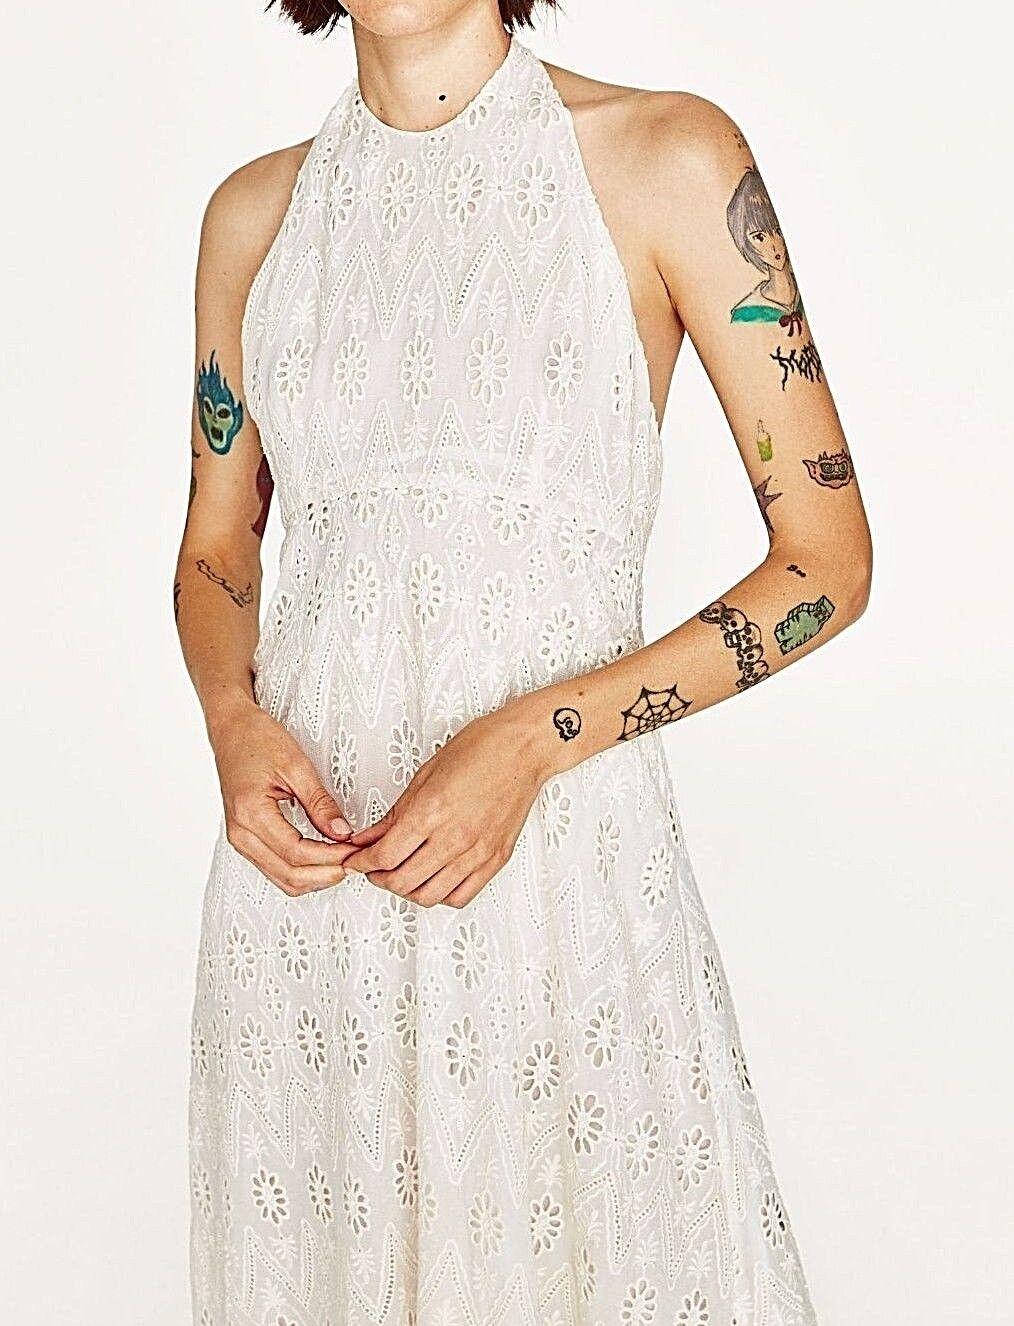 Zara Halter Neck IBIZA lace lace lace embroidered Dress Maxi abito ricamo pizzo Dimensione L ce5194